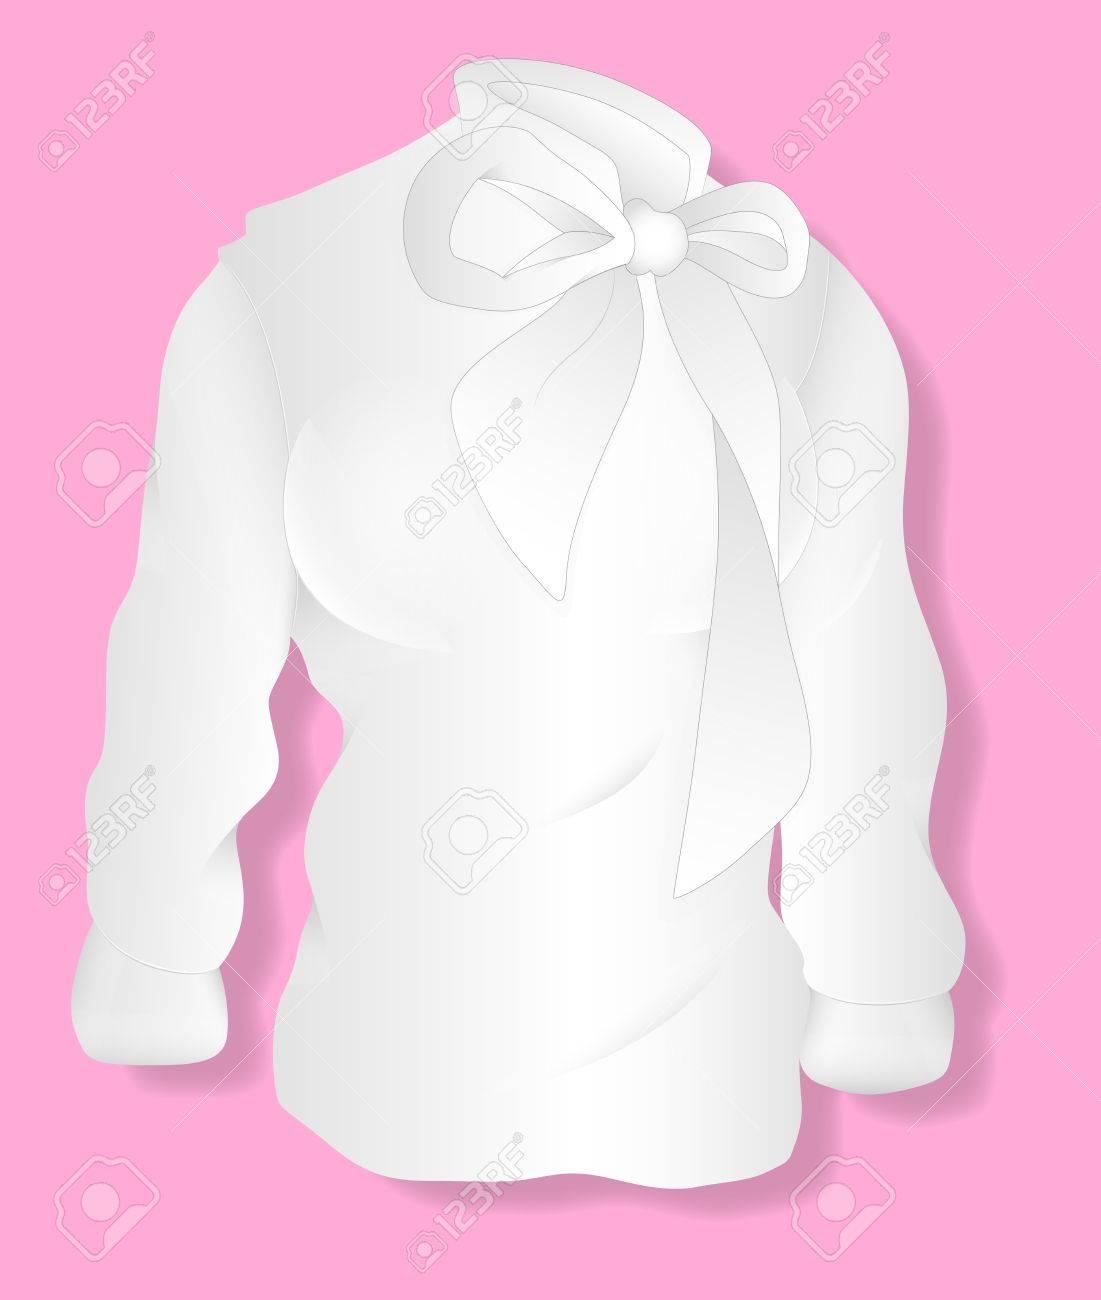 Shirt design illustrator template - Vector White Lady Shirt Design Illustration Template